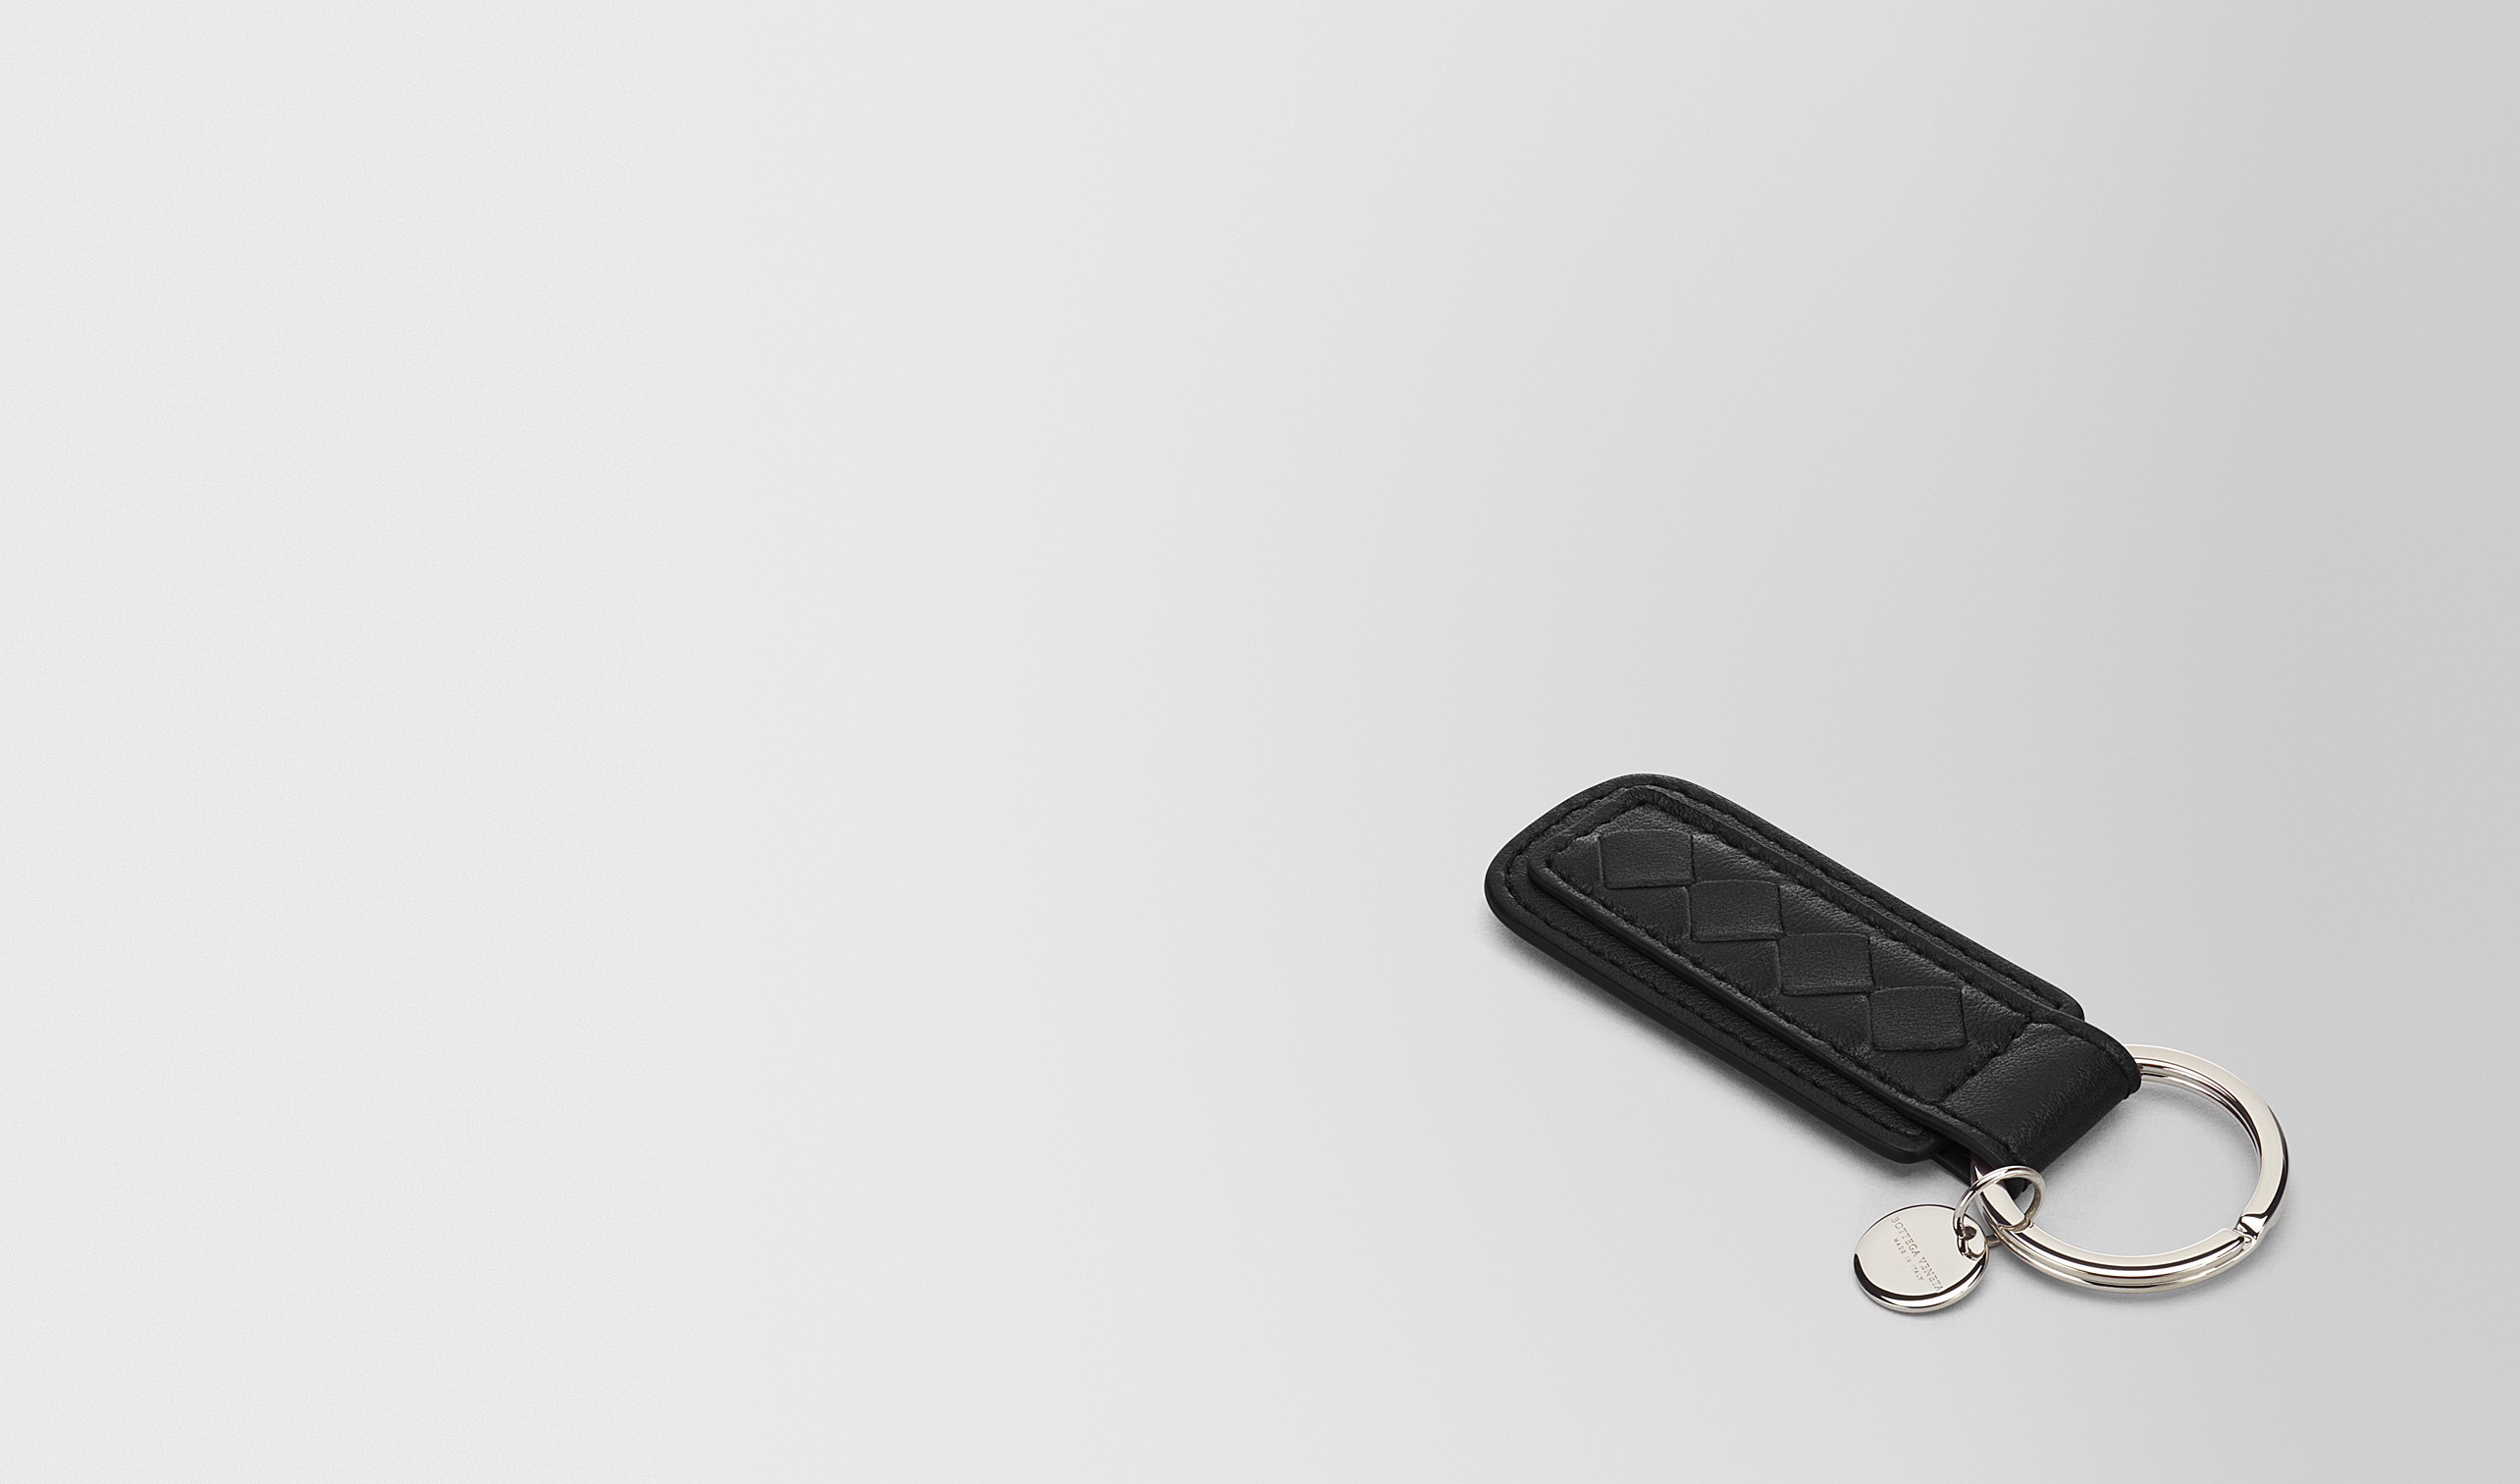 BOTTEGA VENETA Schlüsselring oder Armband E SCHLÜSSELANHÄNGER AUS INTRECCIATO NAPPA IN NERO pl